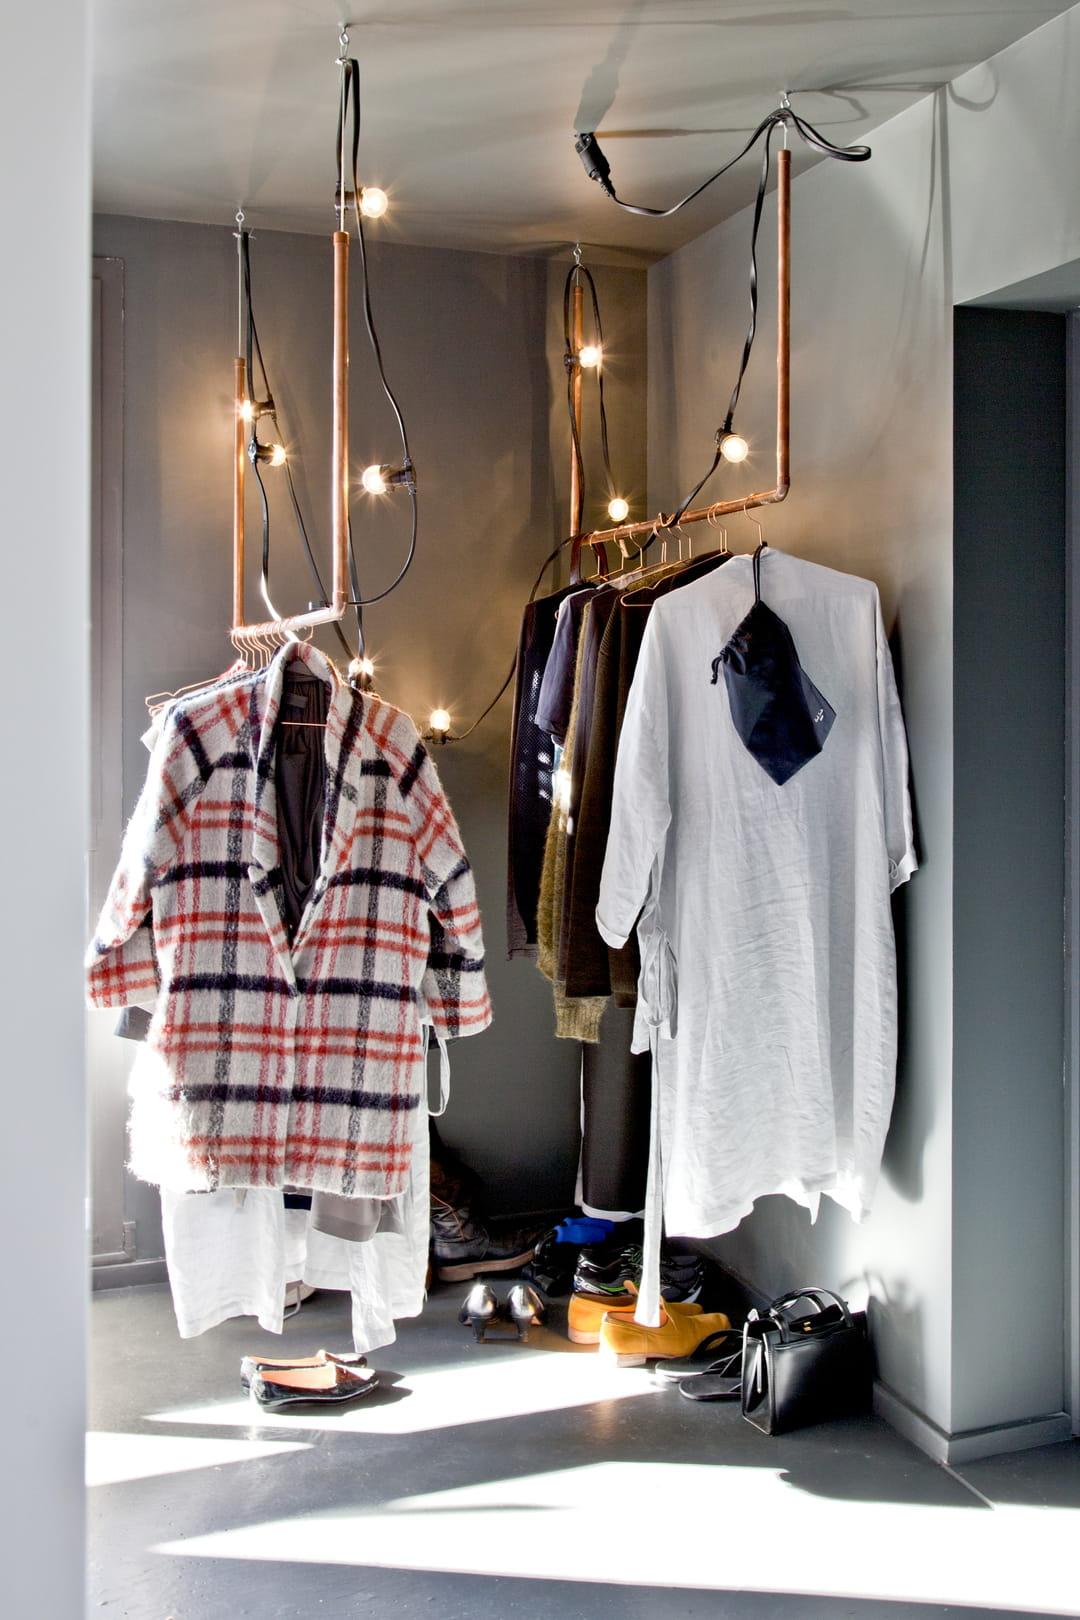 Magasin Des Idees Deco comment aménager et décorer un studio ?